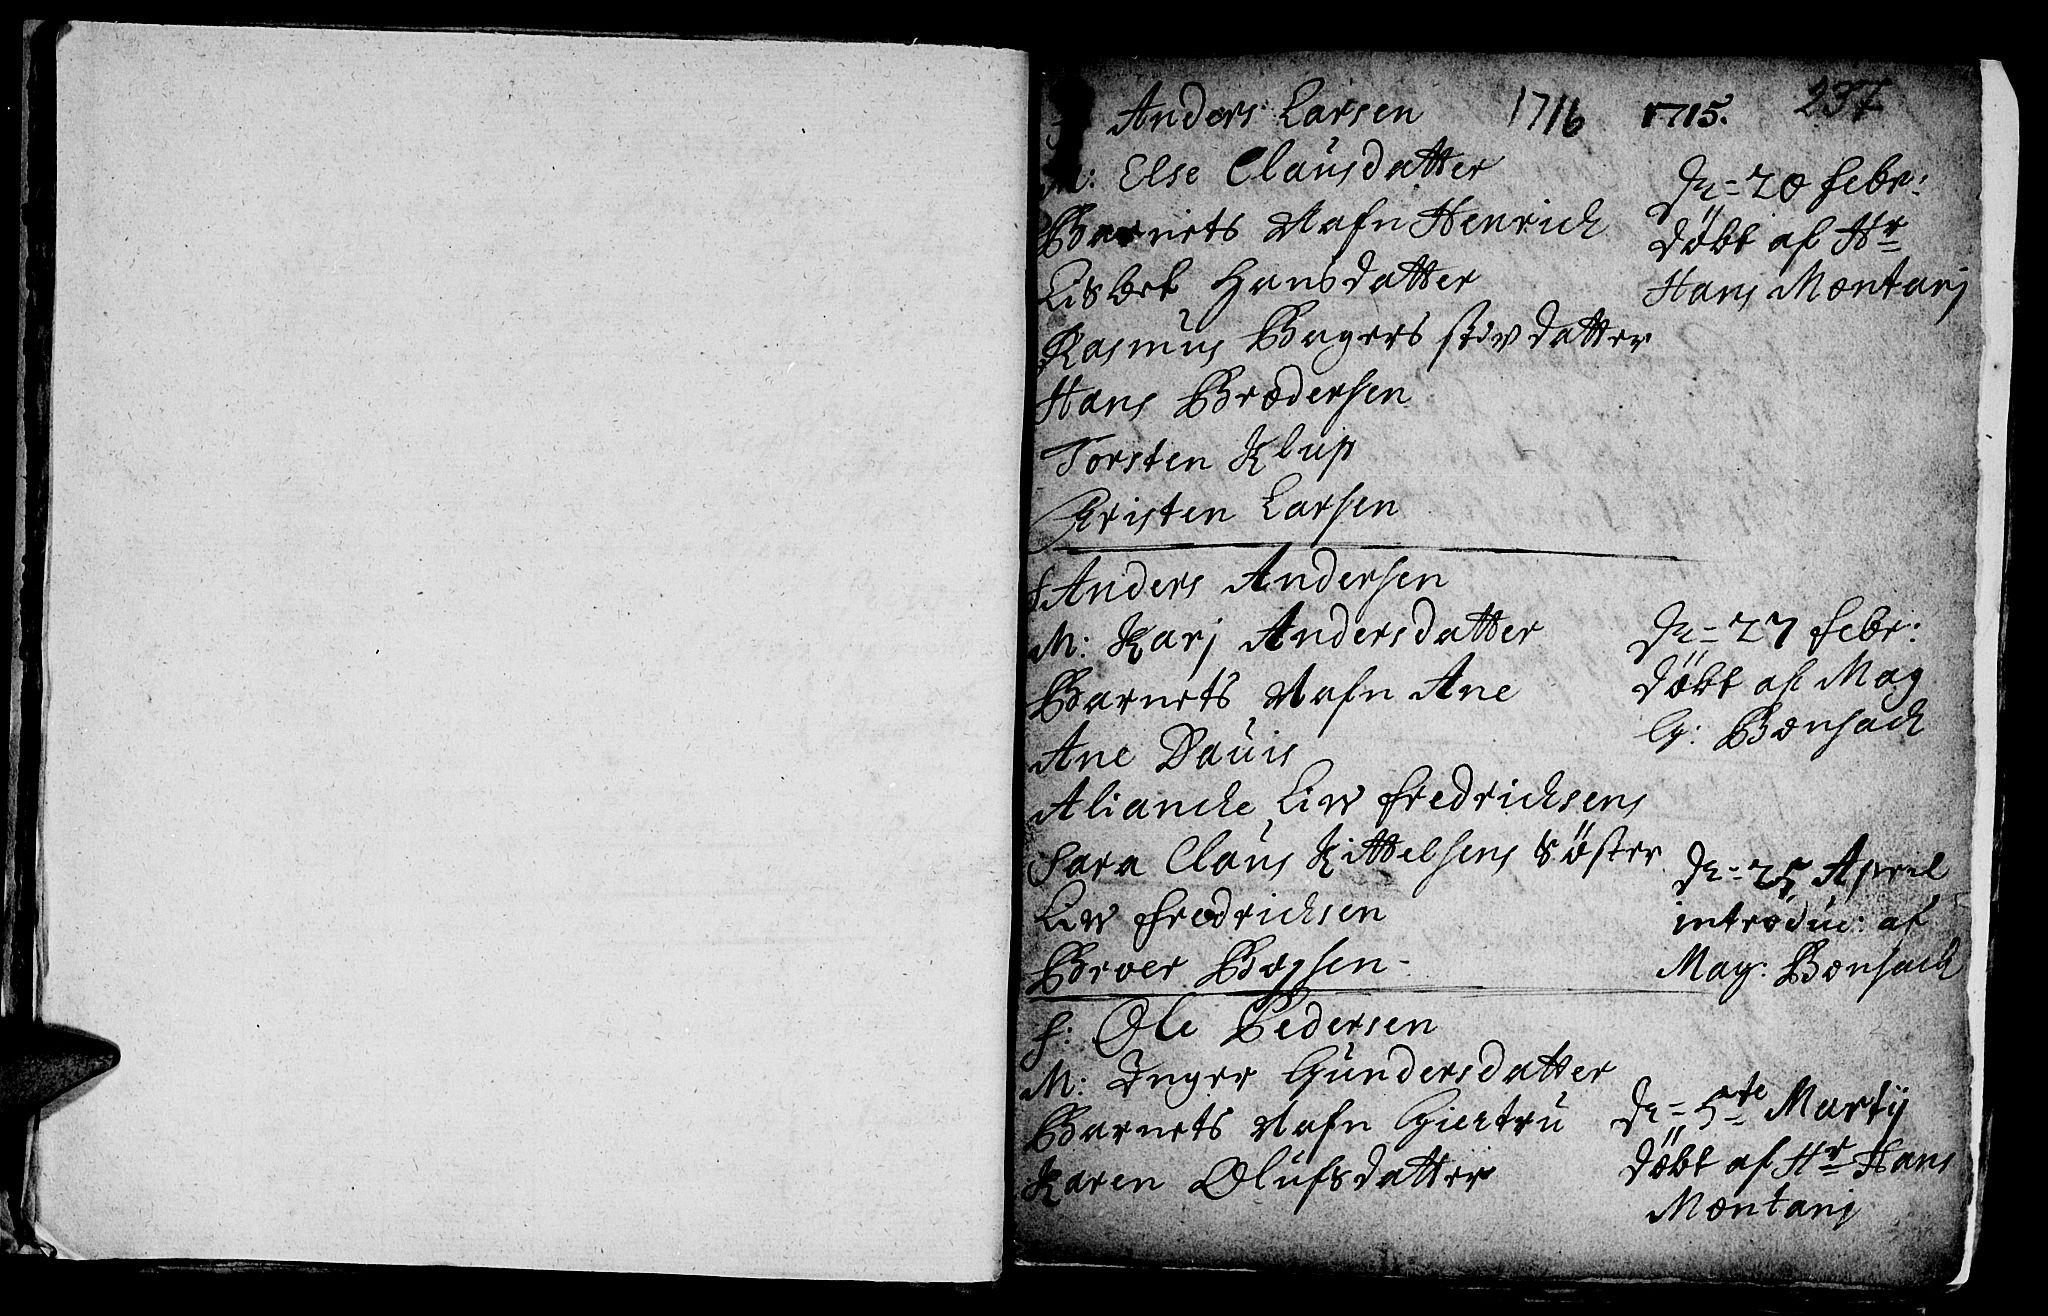 SAT, Ministerialprotokoller, klokkerbøker og fødselsregistre - Sør-Trøndelag, 601/L0035: Ministerialbok nr. 601A03, 1713-1728, s. 237